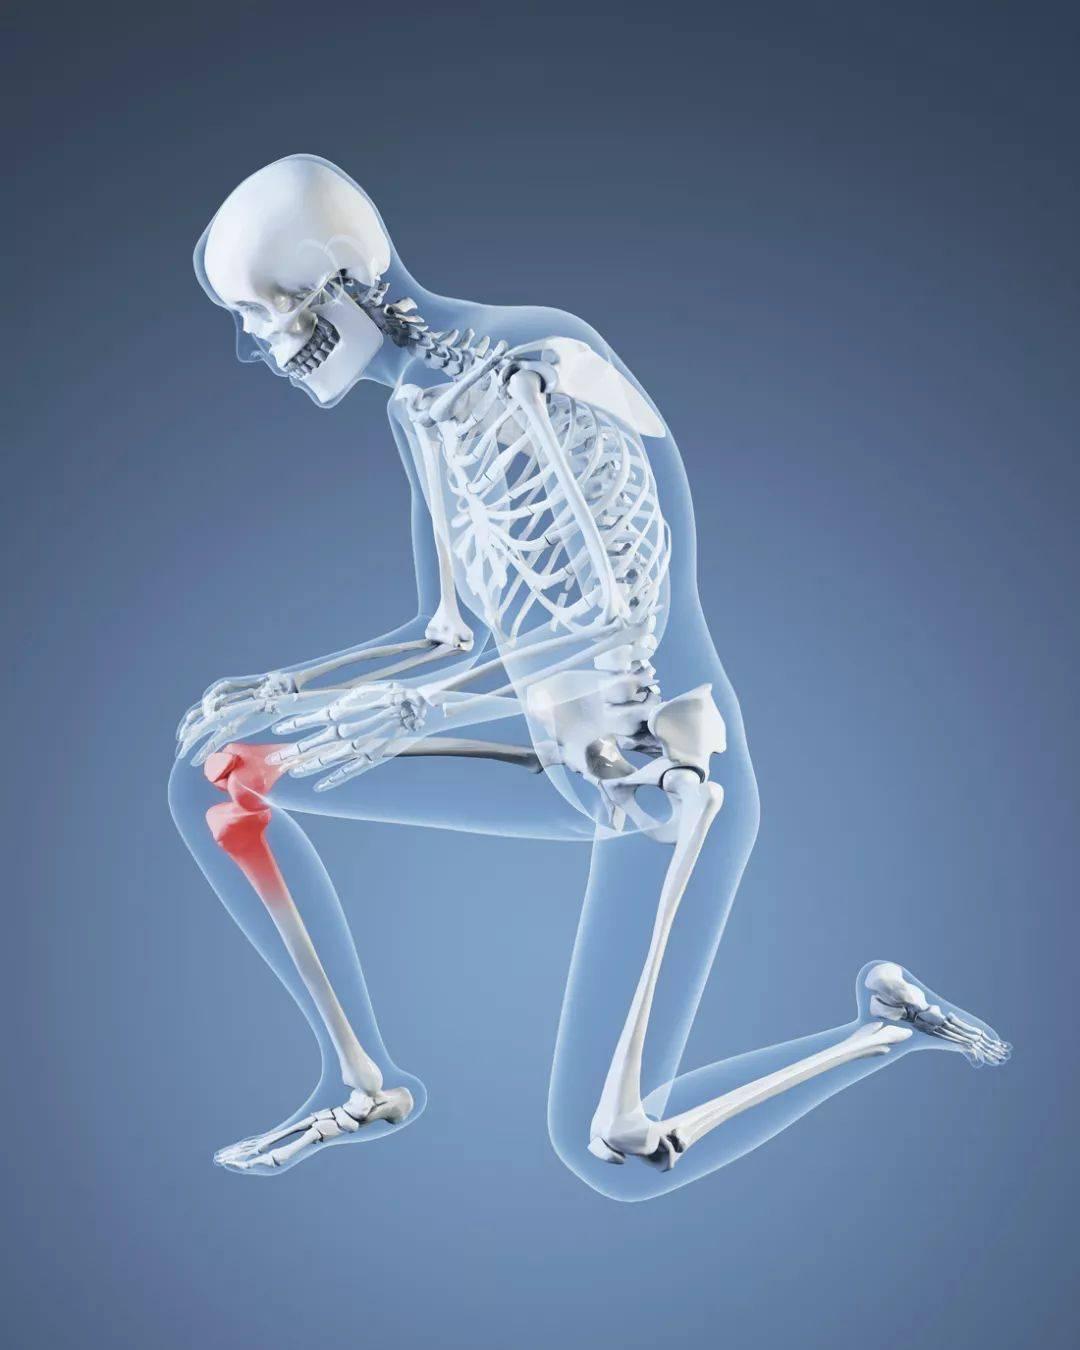 话说练瑜伽时,膝盖到底能不能超过脚尖?